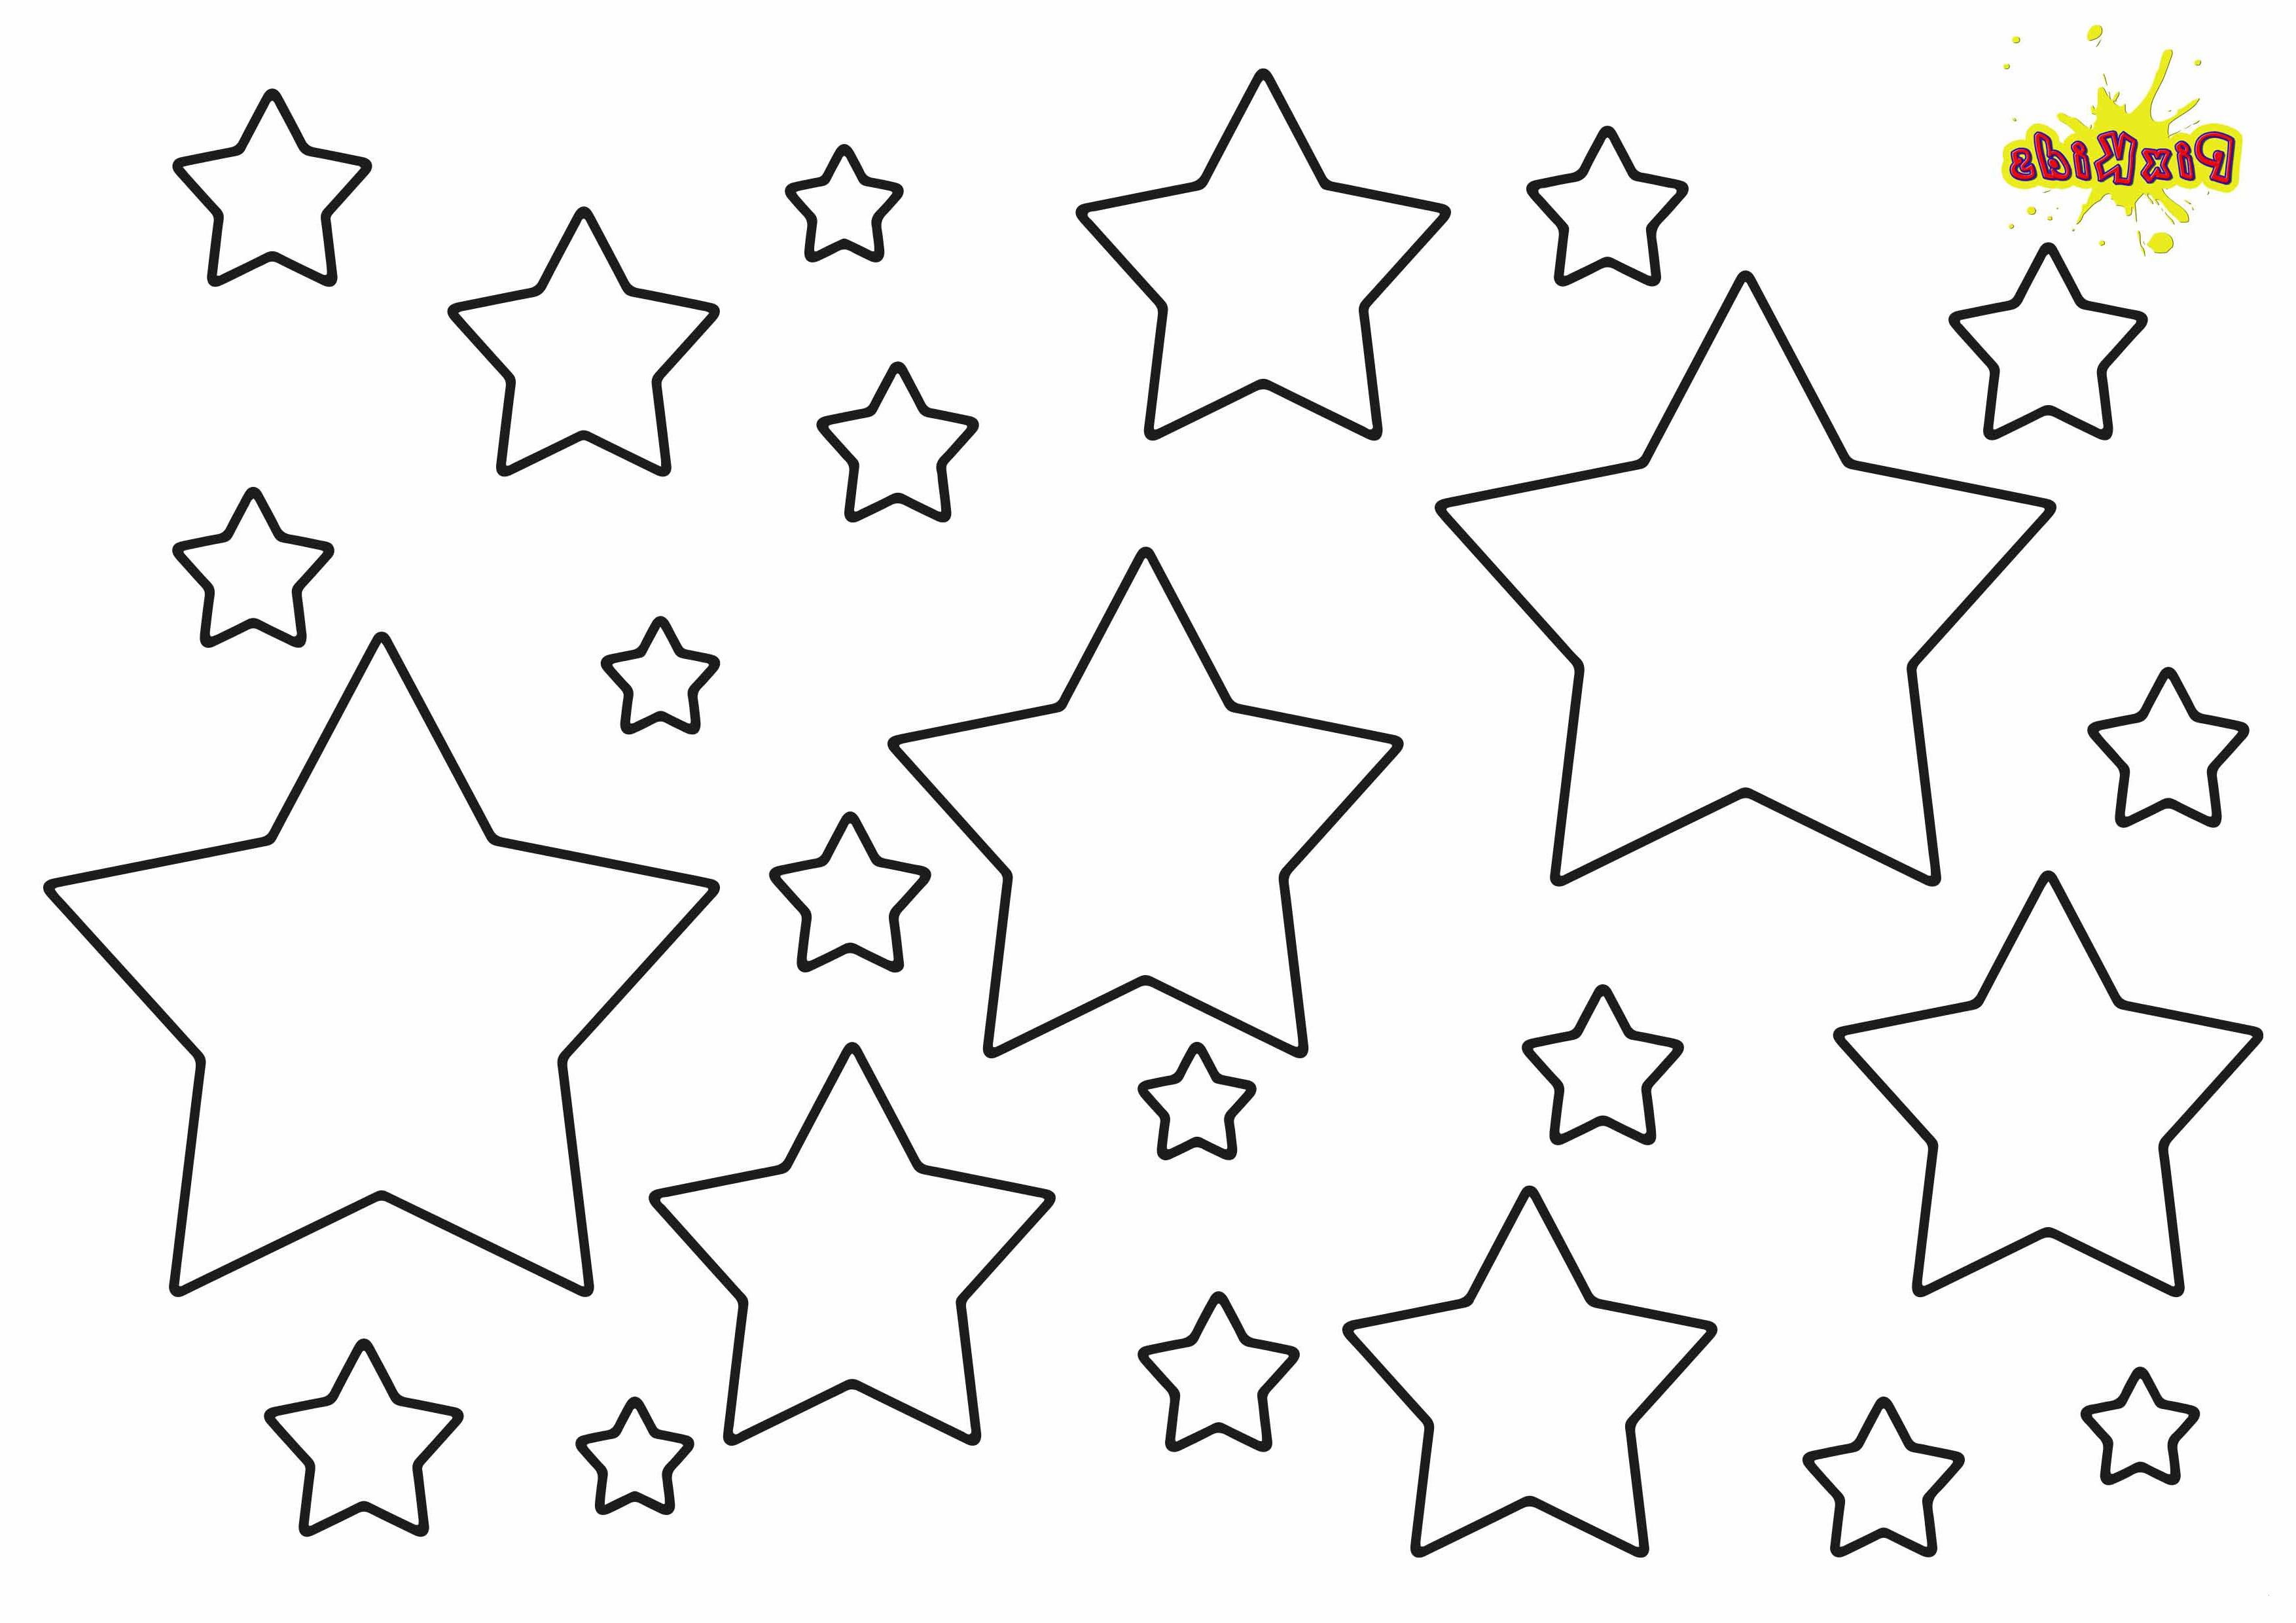 Stern Weihnachten Malvorlage Genial 31 Frisch Stern Malvorlage – Malvorlagen Ideen Fotografieren